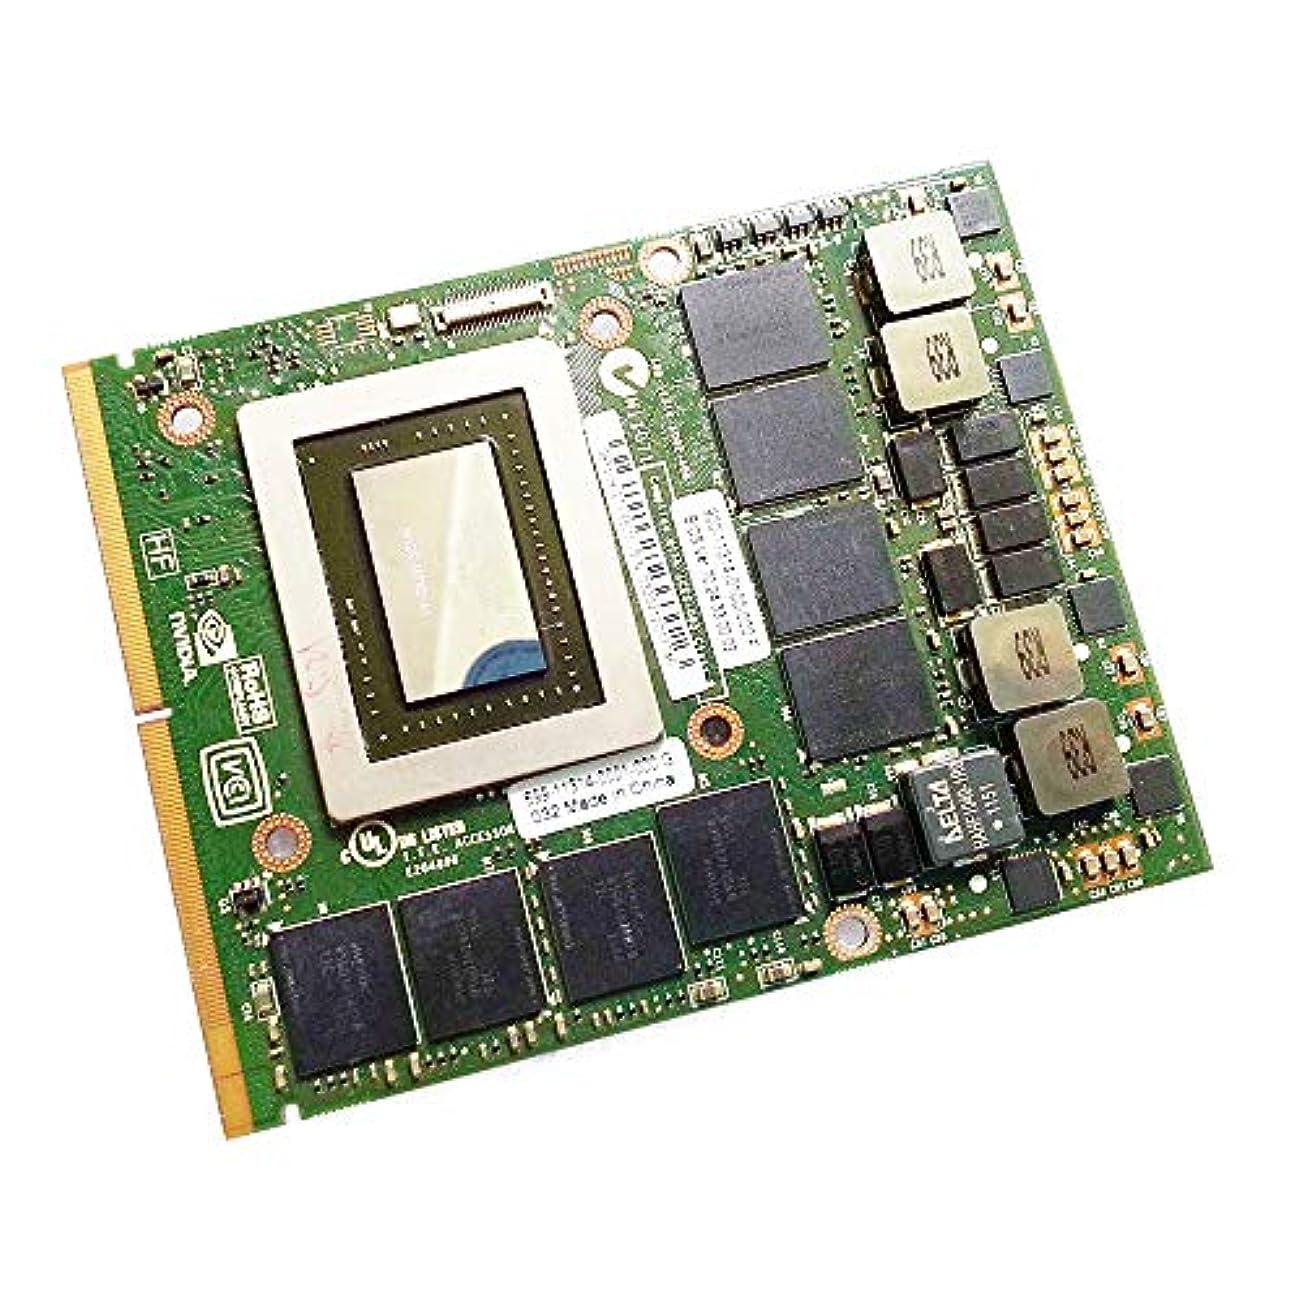 多用途聡明最も遠い新しいfor NVIDIA GeForce GTX 580M GDDR5 2GB Graphics Cardグラフィックボード、for Alienware M15X R1 R2 M17X R1 R2 R3 M18X R1ゲーミングノートパソコン、MXM 3.0B VGA GPU Replacement修理部品